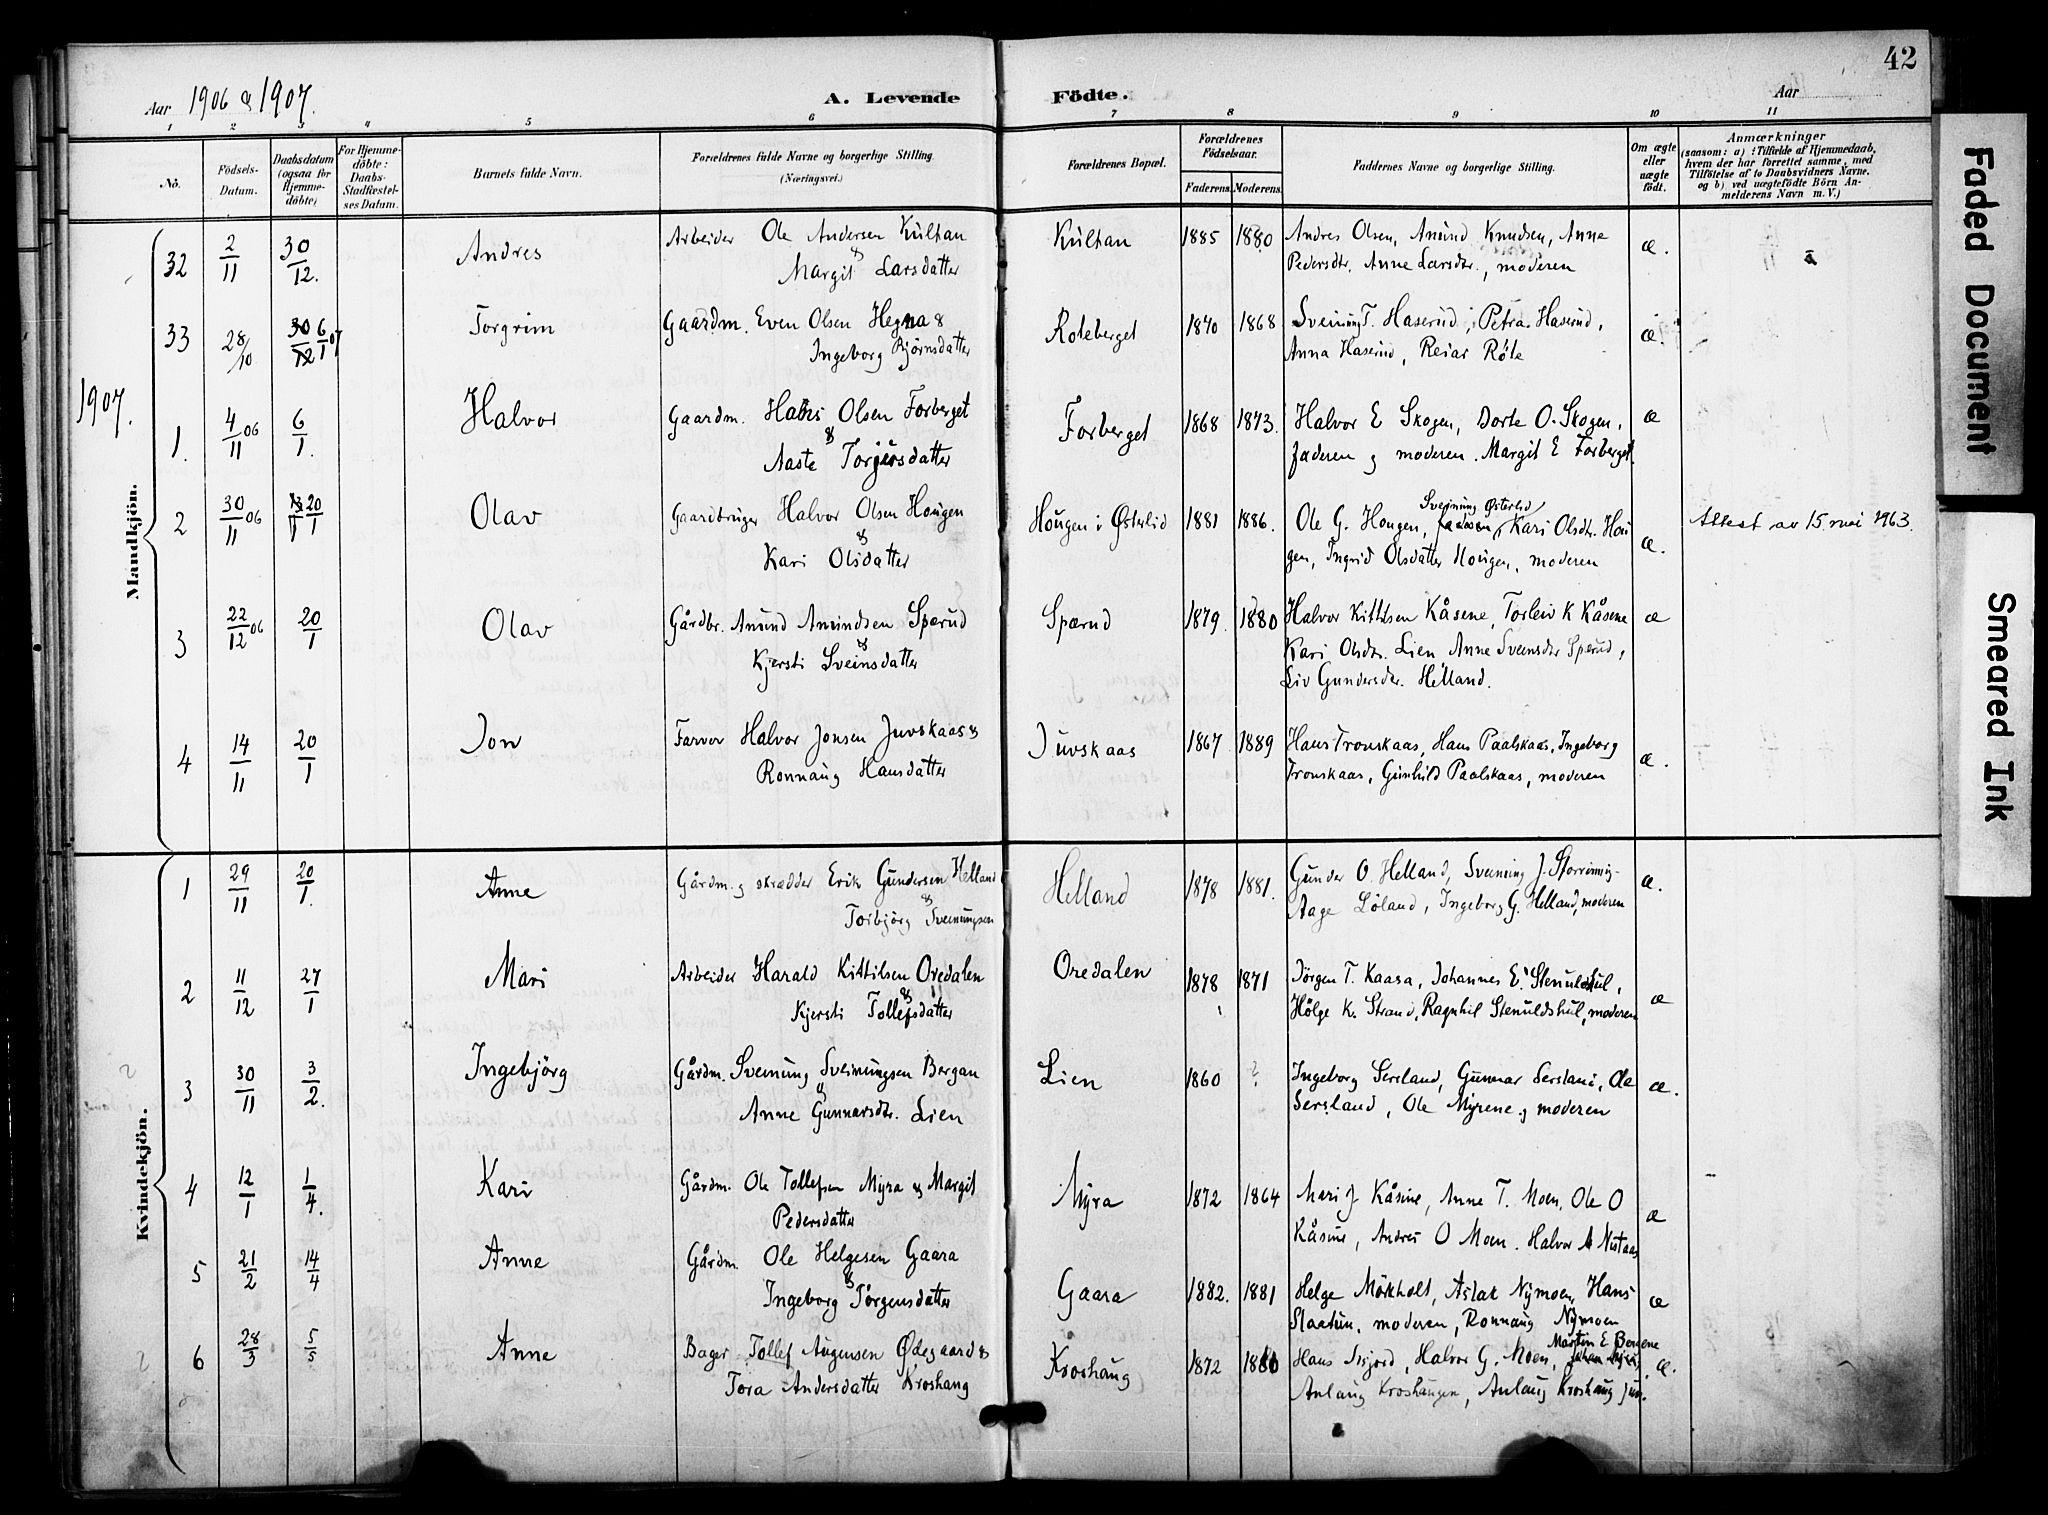 SAKO, Bø kirkebøker, F/Fa/L0012: Ministerialbok nr. 12, 1900-1908, s. 42